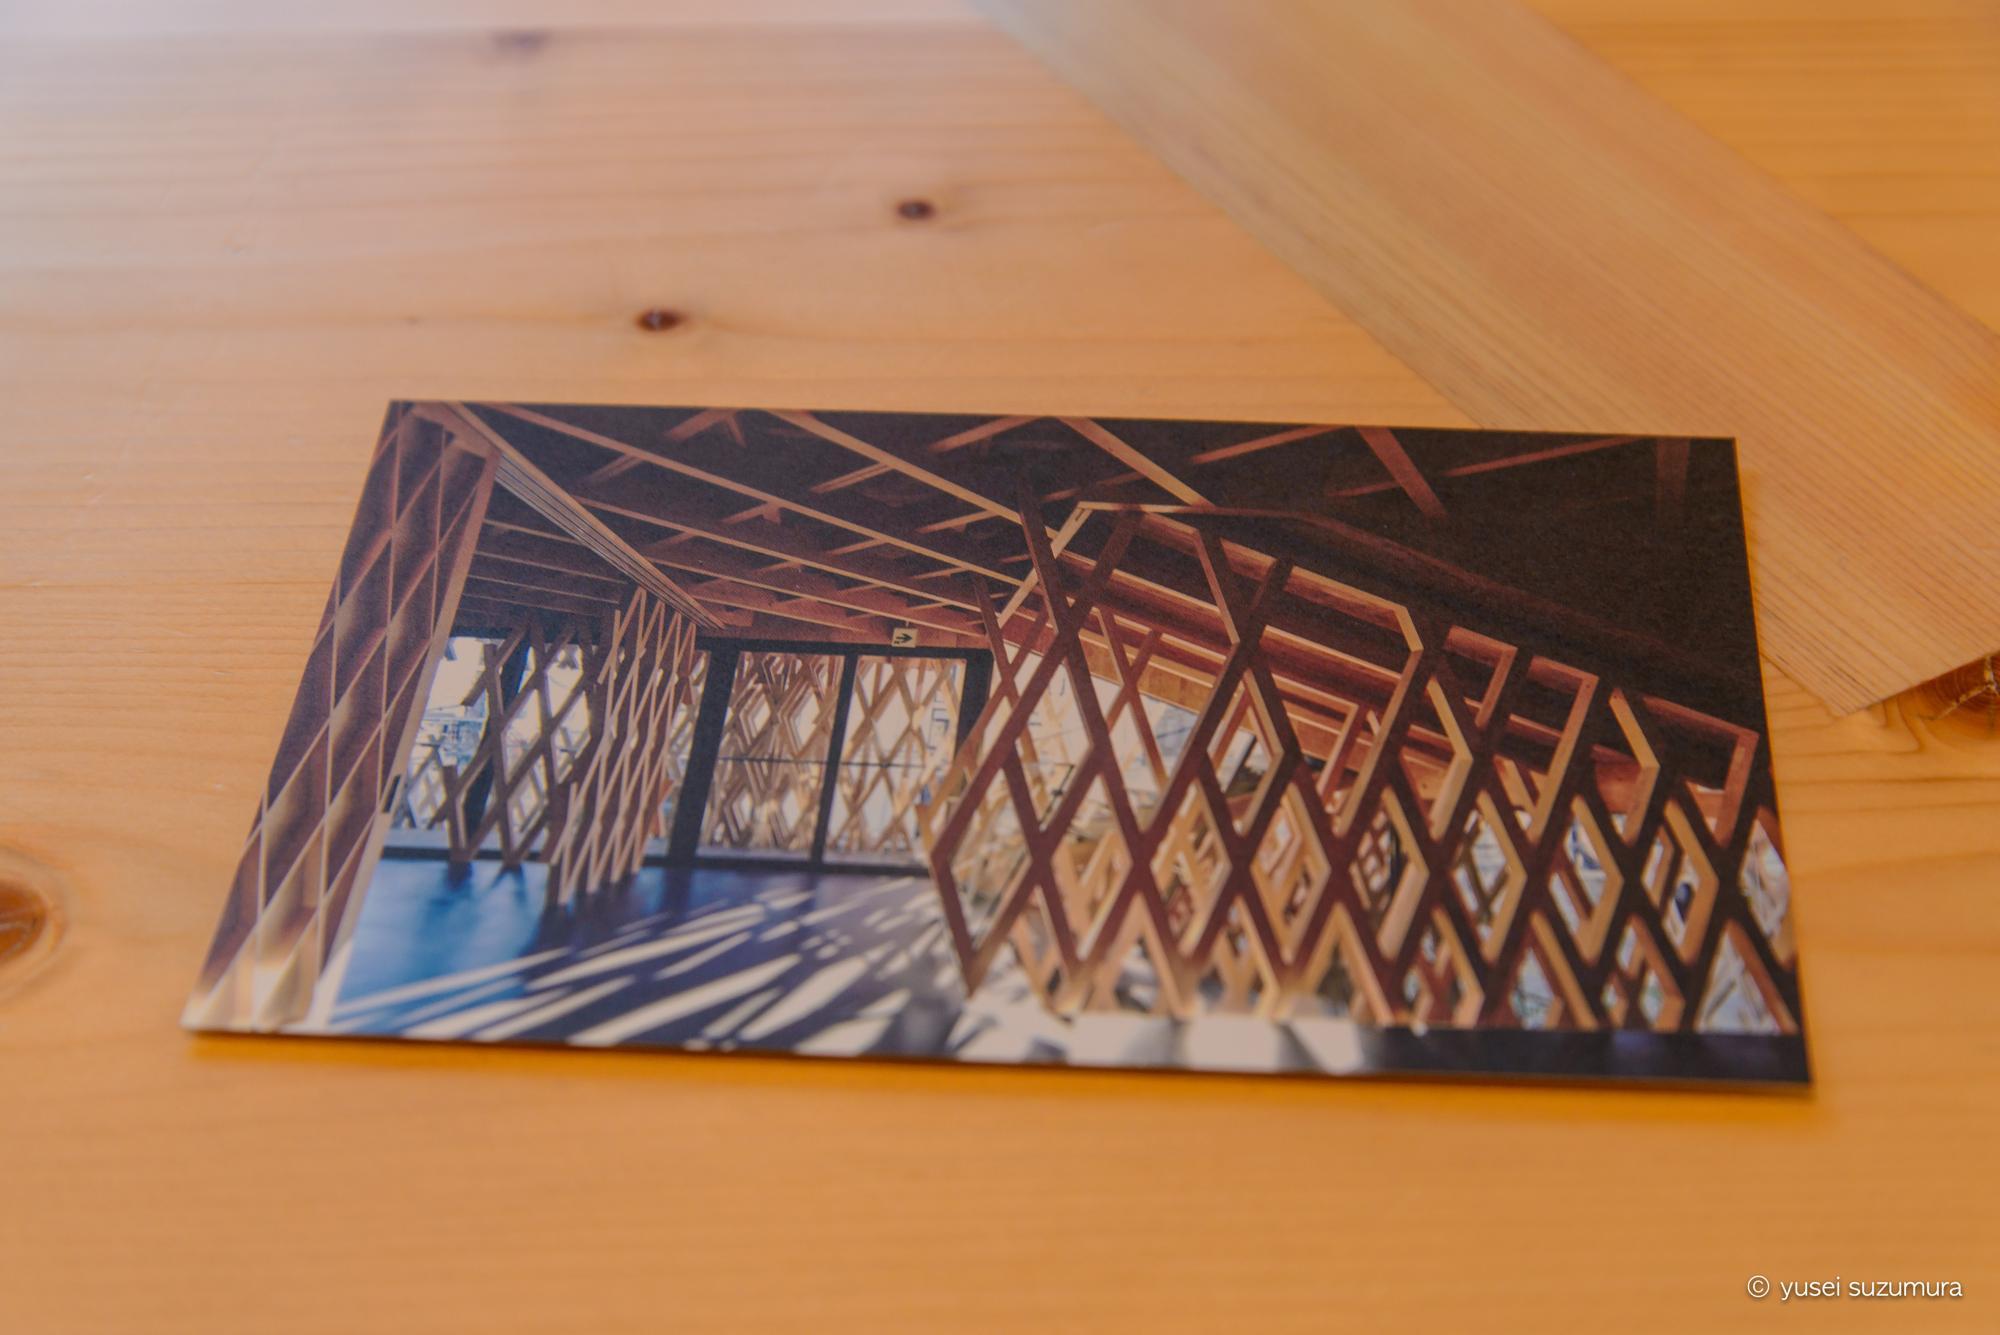 一周年記念のSunnyhills(微熱山丘)ポストカード